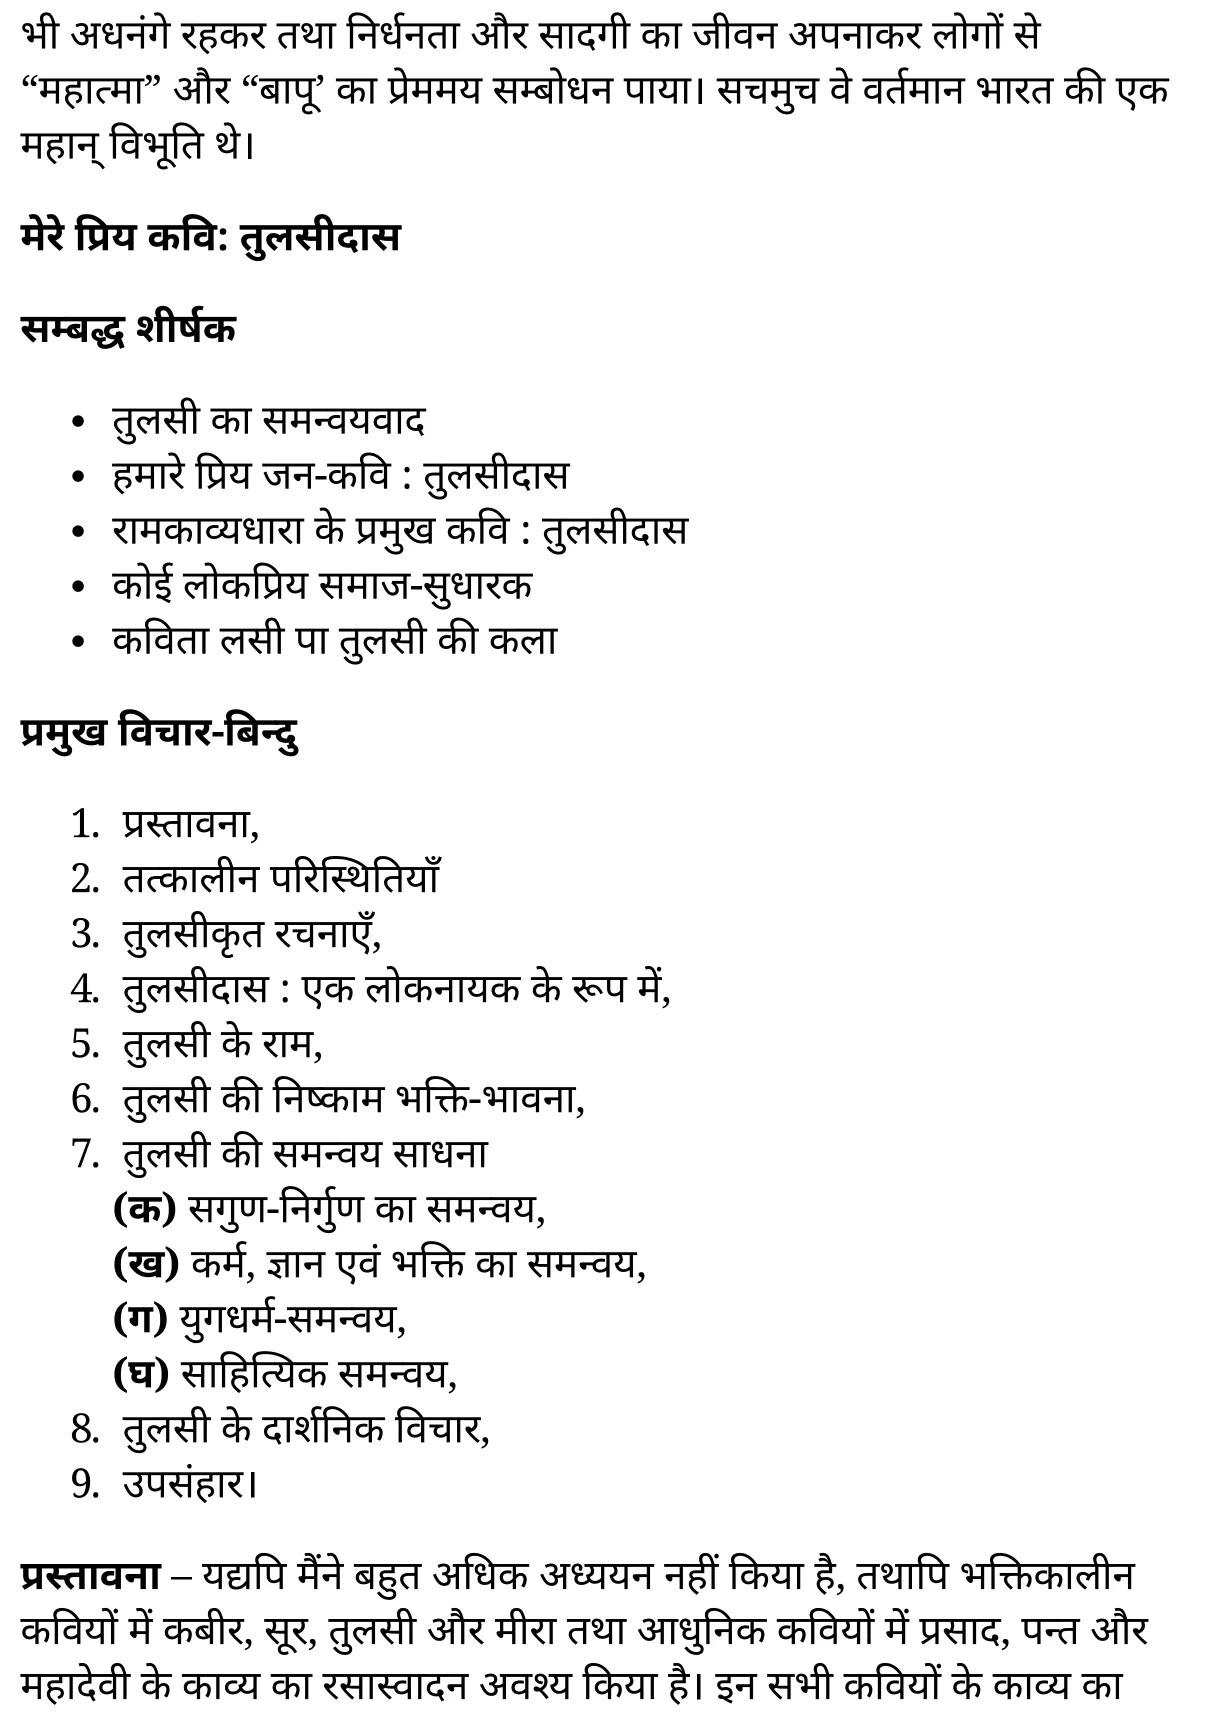 कक्षा 11 परिचयात्मक हिंदीसामान्य निबन्ध के नोट्स परिचयात्मक हिंदी में एनसीईआरटी समाधान, class 11 samanya hindi parichayaatmak nibandh, class 11 samanya hindi parichayaatmak nibandh ncert solutions in samanya hindi, class 11 samanya hindi parichayaatmak nibandh notes in samanya hindi, class 11 samanya hindi parichayaatmak nibandh question answer, class 11 samanya hindi parichayaatmak nibandh notes, 11 class parichayaatmak nibandh in samanya hindi, class 11 samanya hindi parichayaatmak nibandh in samanya hindi, class 11 samanya hindi parichayaatmak nibandh important questions in samanya hindi, class 11 samanya hindi parichayaatmak nibandh notes in samanya hindi, class 11 samanya hindi parichayaatmak nibandh test, class 11 samanya hindi parichayaatmak nibandh pdf, class 11 samanya hindi parichayaatmak nibandh notes pdf, class 11 samanya hindi parichayaatmak nibandh exercise solutions, class 11 samanya hindi parichayaatmak nibandh, class 11 samanya hindi parichayaatmak nibandh notes study rankers, class 11 samanya hindi parichayaatmak nibandh notes, class 11 samanya hindi parichayaatmak nibandh notes, saahityik nibandh 11 notes pdf, saahityik nibandh class 11 notes ncert, parichayaatmak nibandh class 11 pdf, parichayaatmak nibandh book, parichayaatmak nibandh quiz class 11 , 11 th parichayaatmak nibandh book up board, up board 11 th parichayaatmak nibandh notes, कक्षा 11 परिचयात्मक हिंदीसामान्य निबन्ध , कक्षा 11 परिचयात्मक हिंदी का परिचयात्मक निबन्ध , कक्षा 11 परिचयात्मक हिंदी के परिचयात्मक निबन्ध के नोट्स परिचयात्मक हिंदी में, कक्षा 11 का परिचयात्मक हिंदीसामान्य निबन्ध का प्रश्न उत्तर, कक्षा 11 परिचयात्मक हिंदीसामान्य निबन्ध के नोट्स, 11 कक्षा परिचयात्मक हिंदीसामान्य निबन्ध परिचयात्मक हिंदी में,कक्षा 11 परिचयात्मक हिंदीसामान्य निबन्ध परिचयात्मक हिंदी में, कक्षा 11 परिचयात्मक हिंदीसामान्य निबन्ध महत्वपूर्ण प्रश्न परिचयात्मक हिंदी में,कक्षा 11 के परिचयात्मक हिंदी के नोट्स परिचयात्मक हिंदी में,सामान्य हिंदी कक्षा 11 नोट्स pdf, सामान्य हिंदी कक्षा 11 नोट्स 2021 ncert, सामा